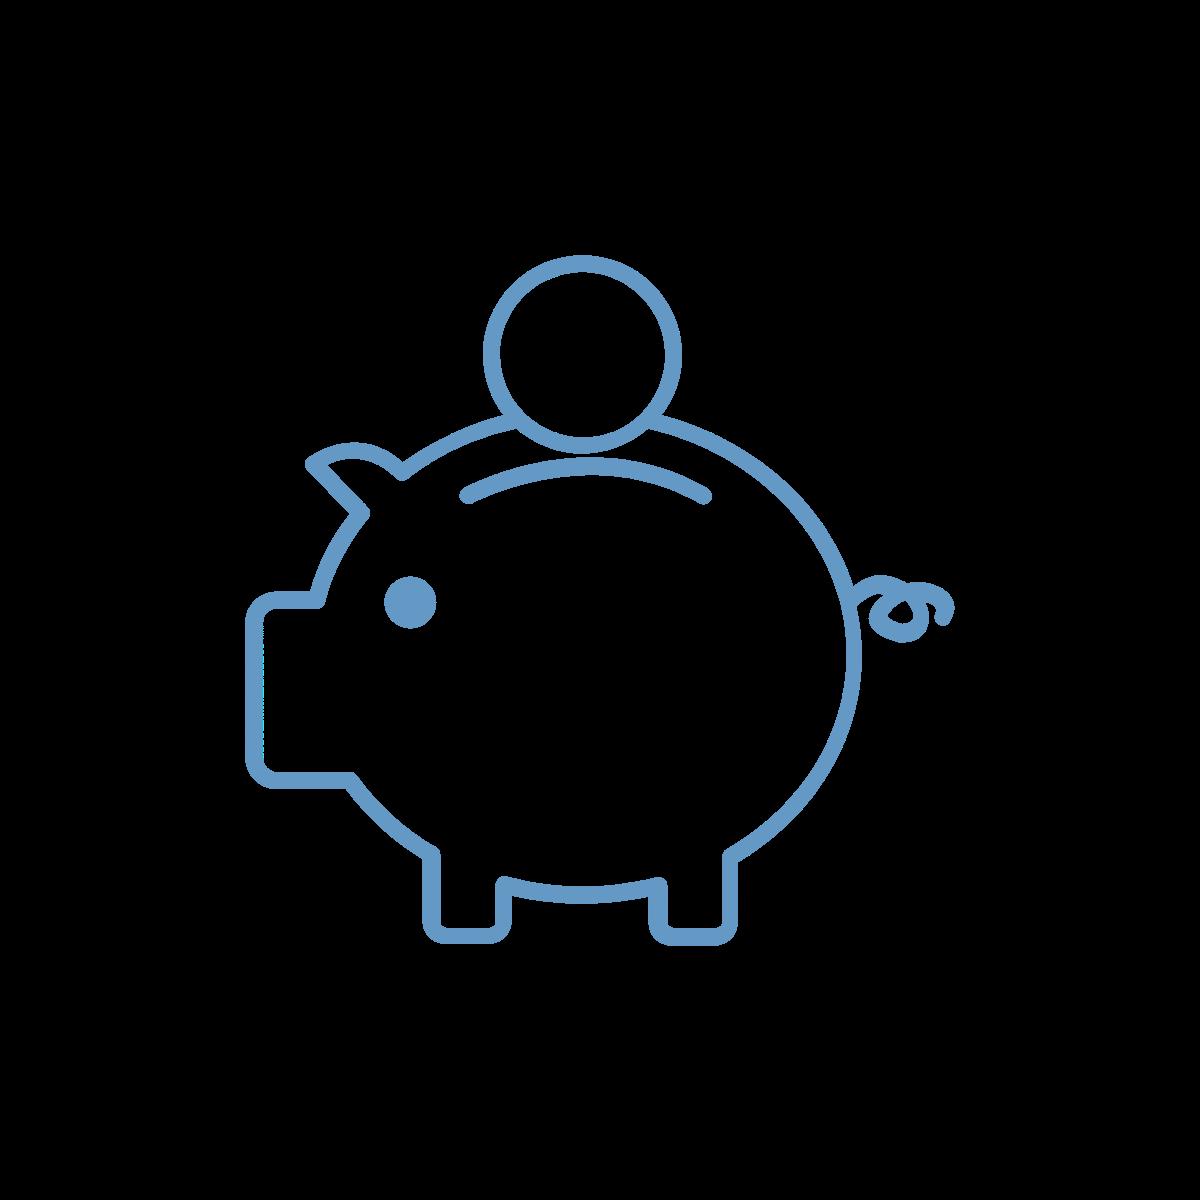 noun_Piggy Bank_2217653.png